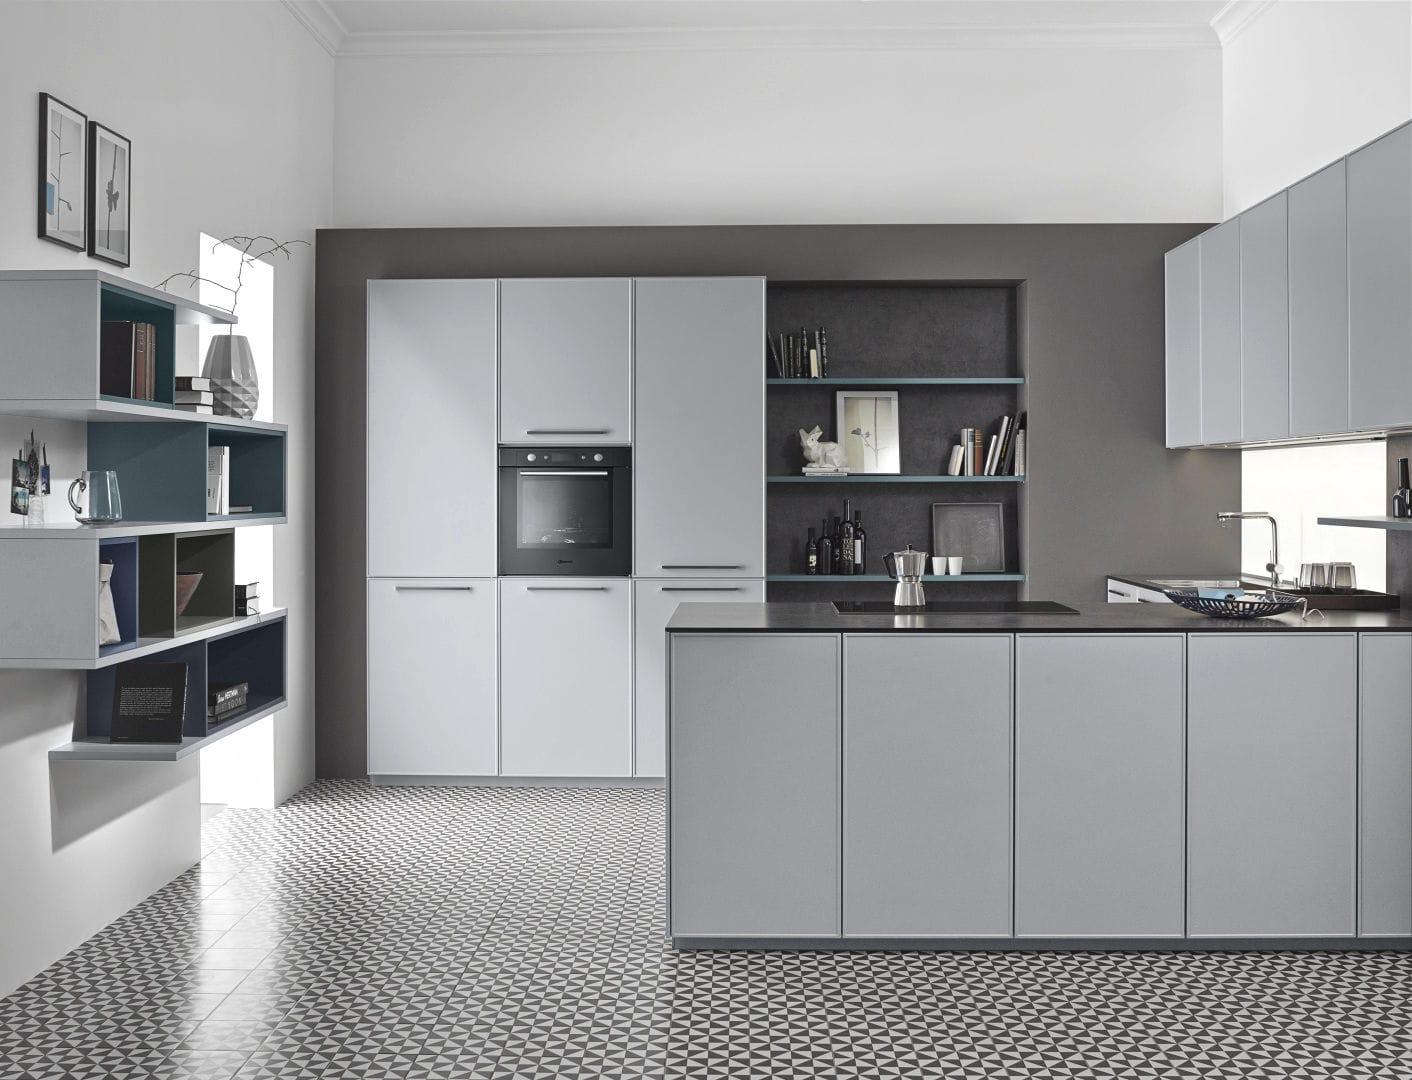 das zeitlose charisma vom modernen apartment design, moderne küche / lackiertes holz / l-förmig / mit griffen - carisma, Design ideen